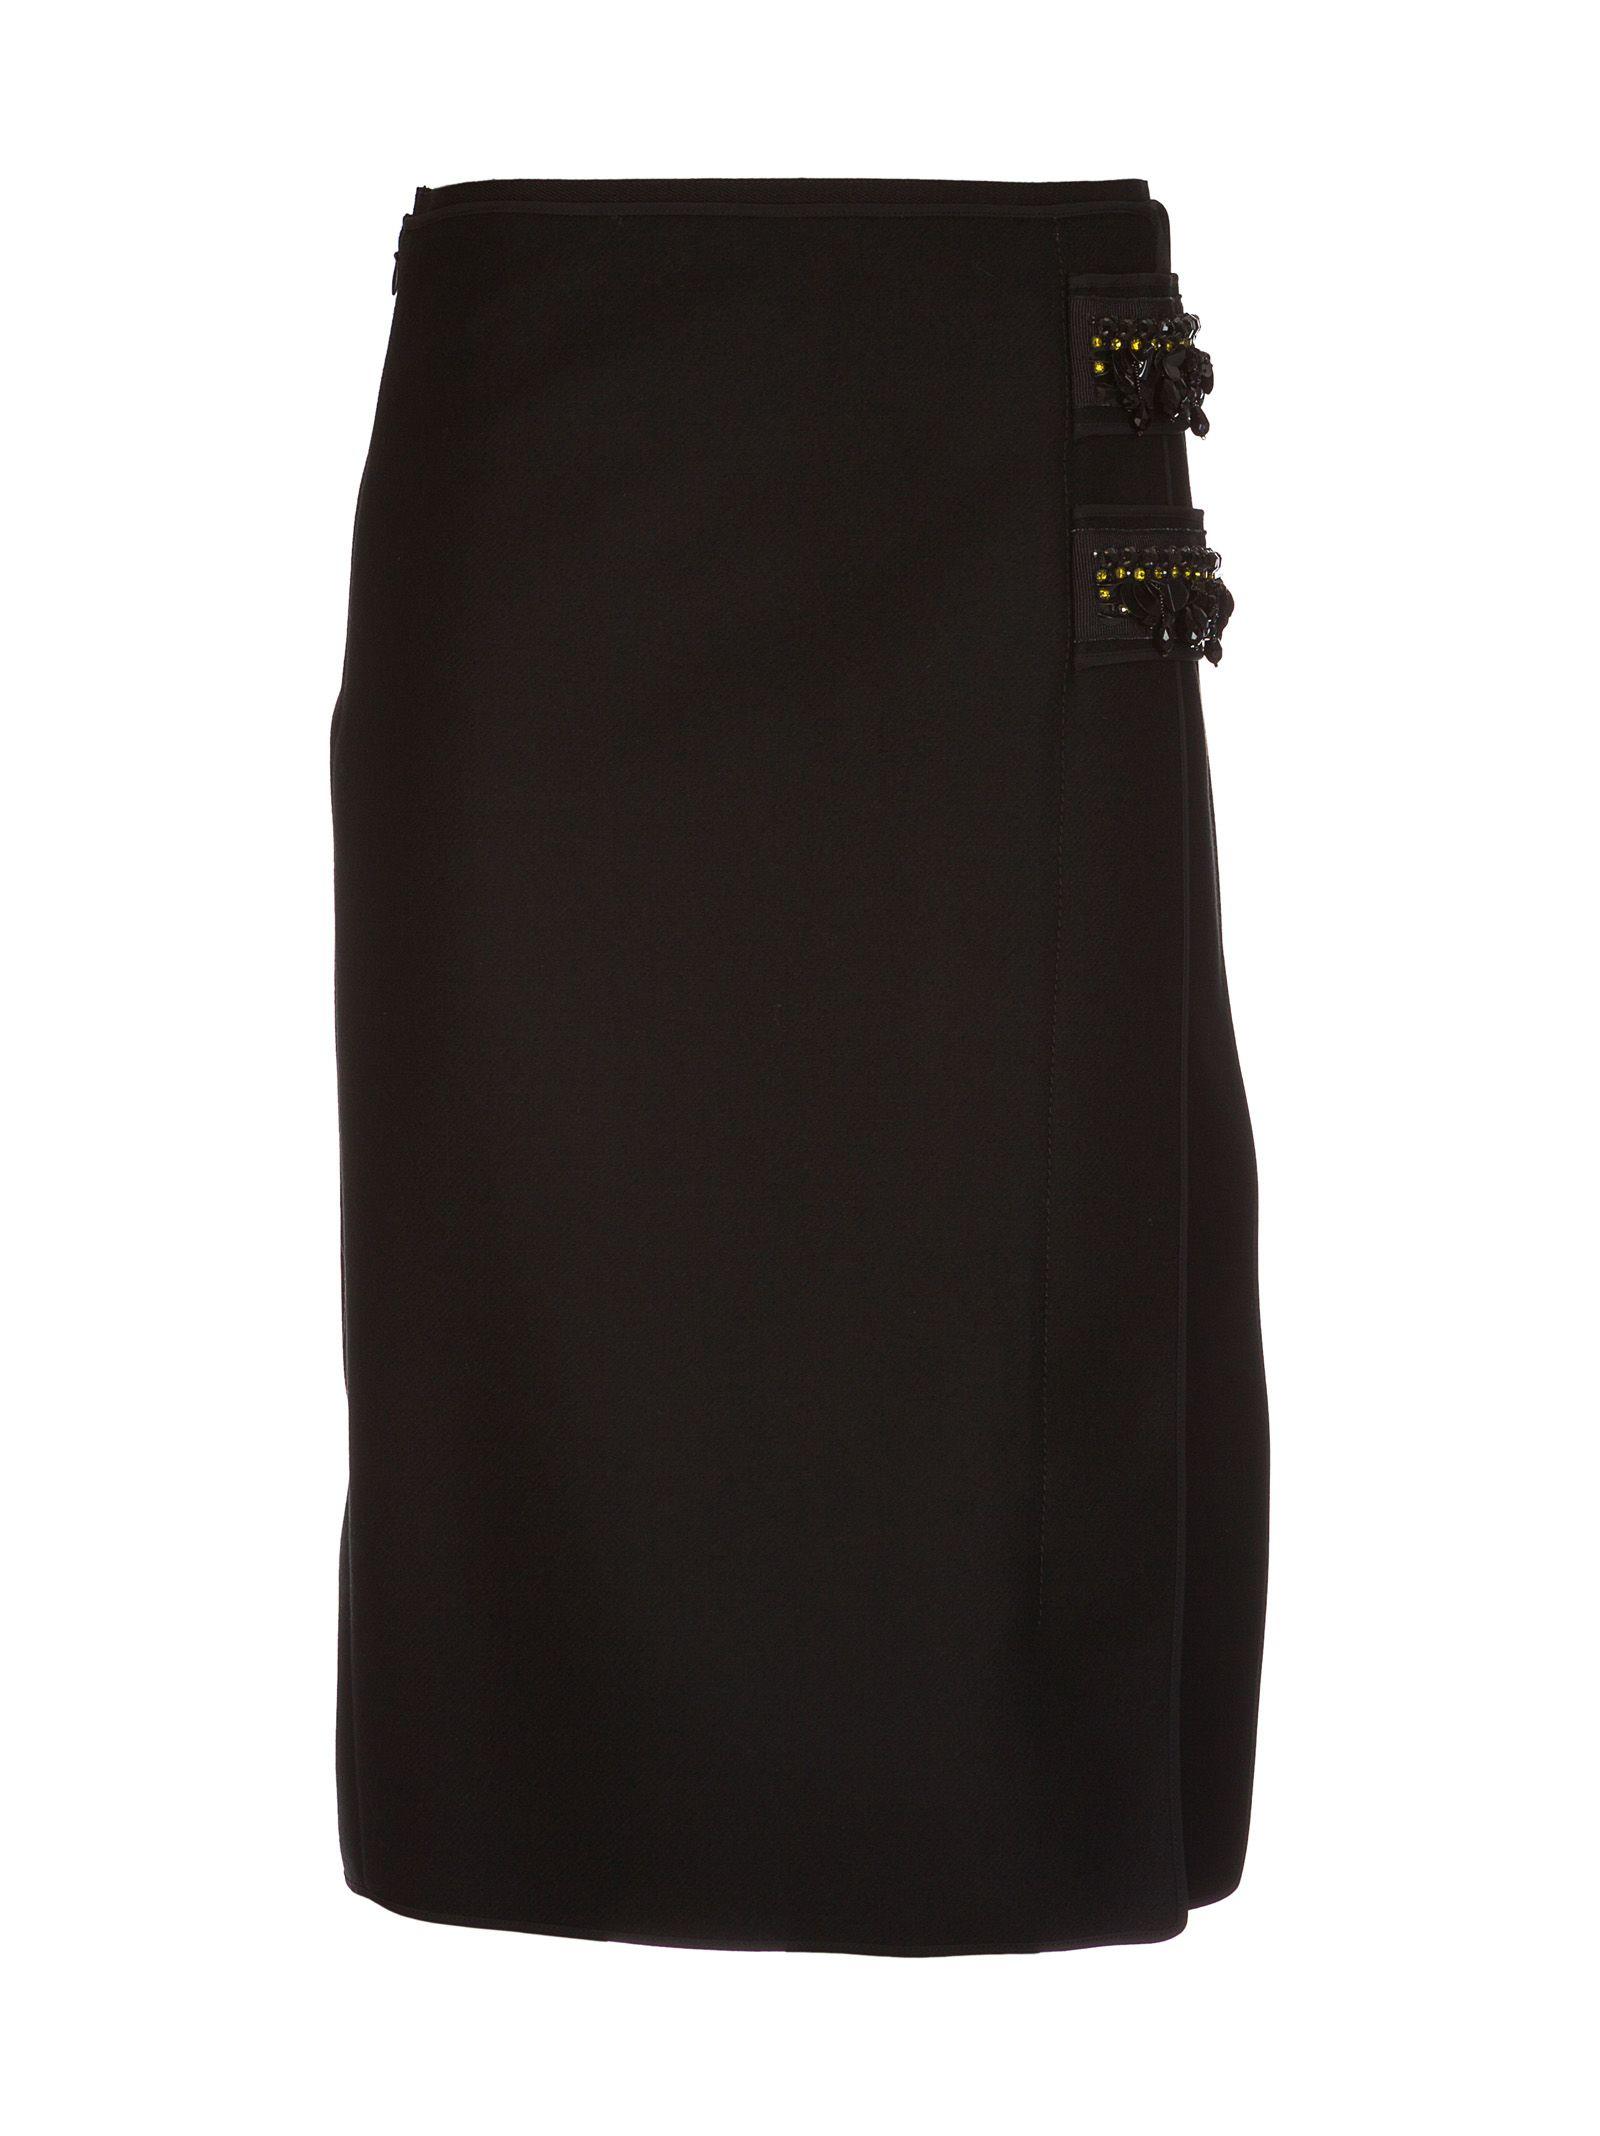 N.21 No21 Embellished Pencil Skirt